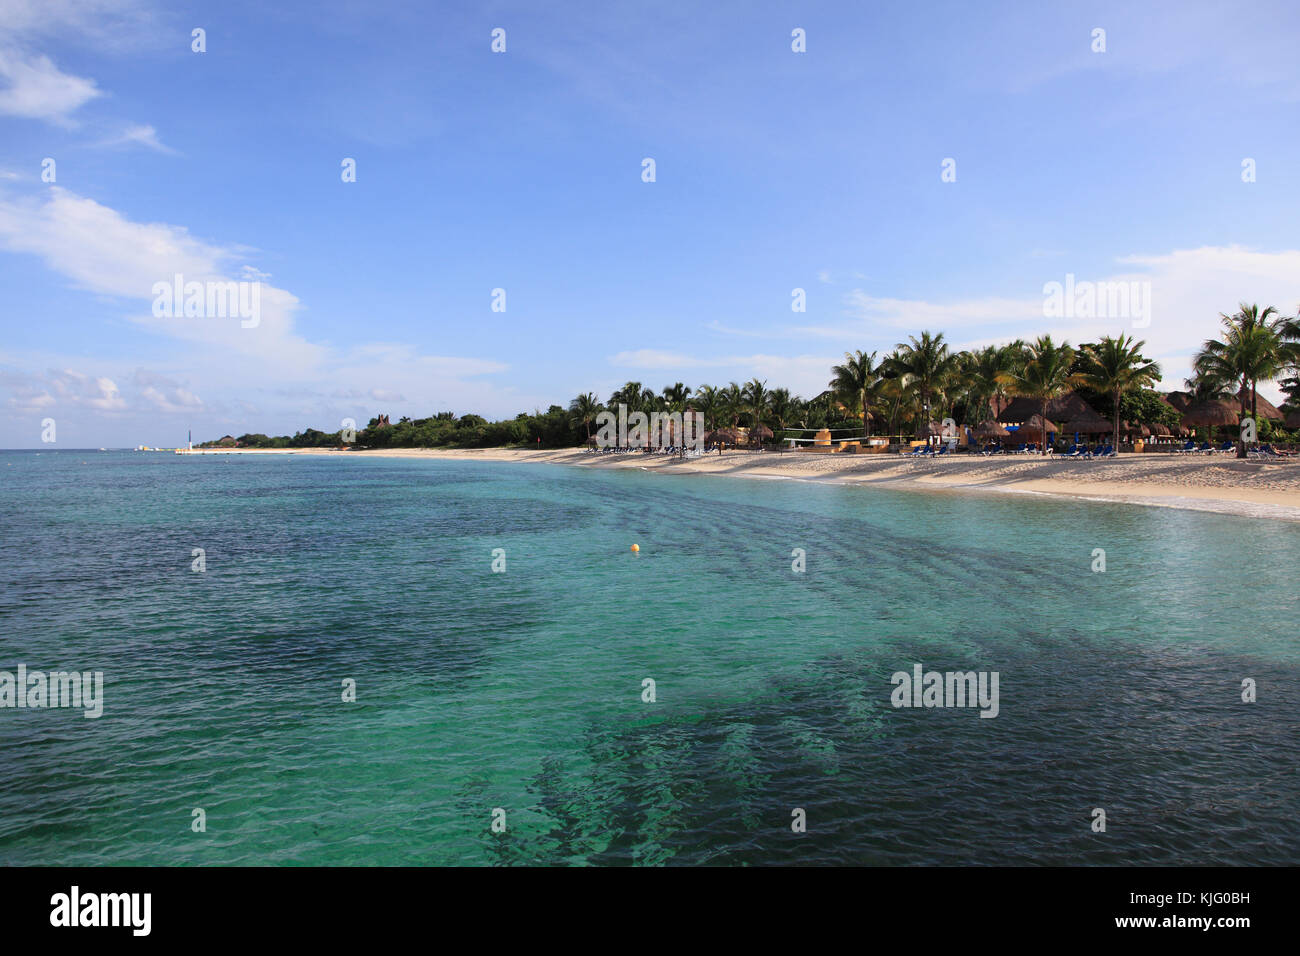 https www alamyimages fr photo image plage de san francisco l ocean des caraibes l ile de cozumel isla de cozumel quintana roo mexique 166308677 html